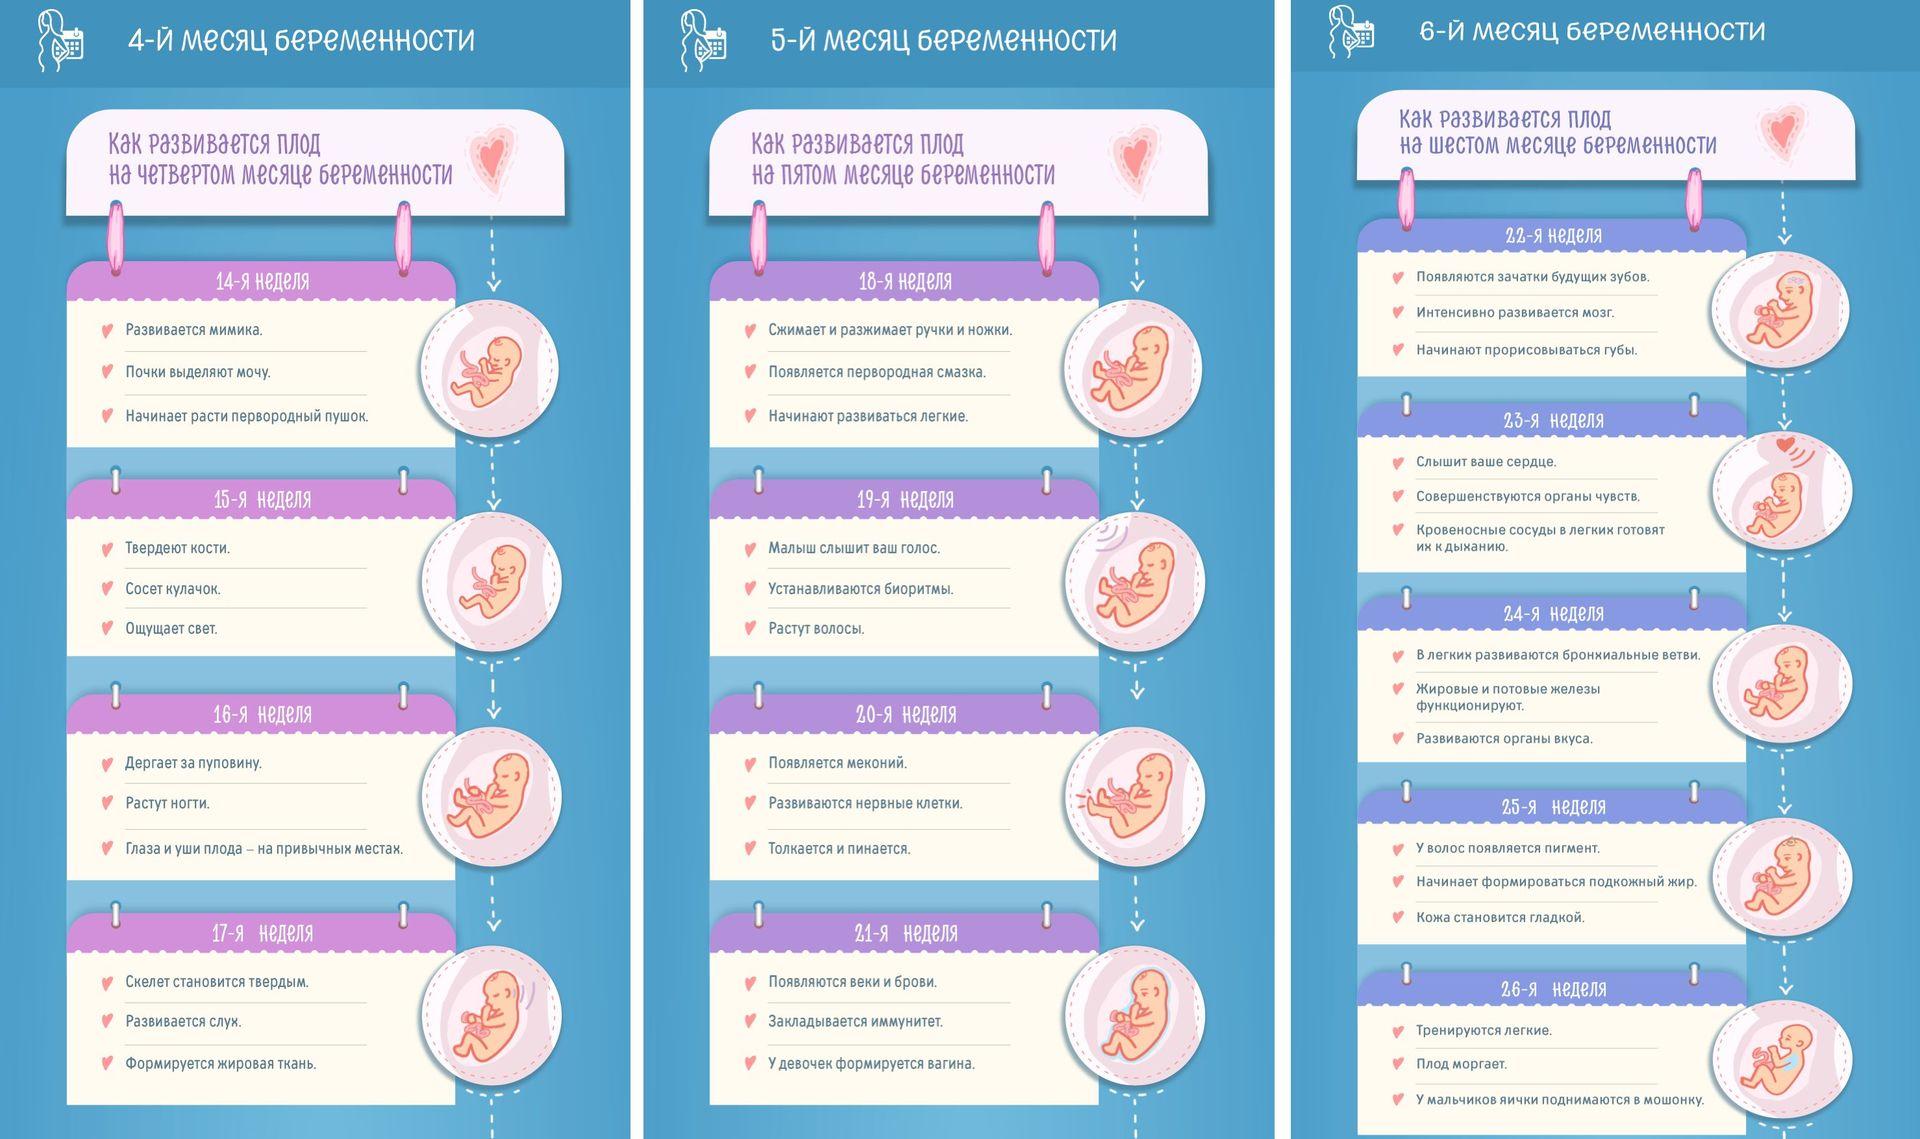 Развитие плода по неделям с четвертого по шестой месяц беременности, инфографика